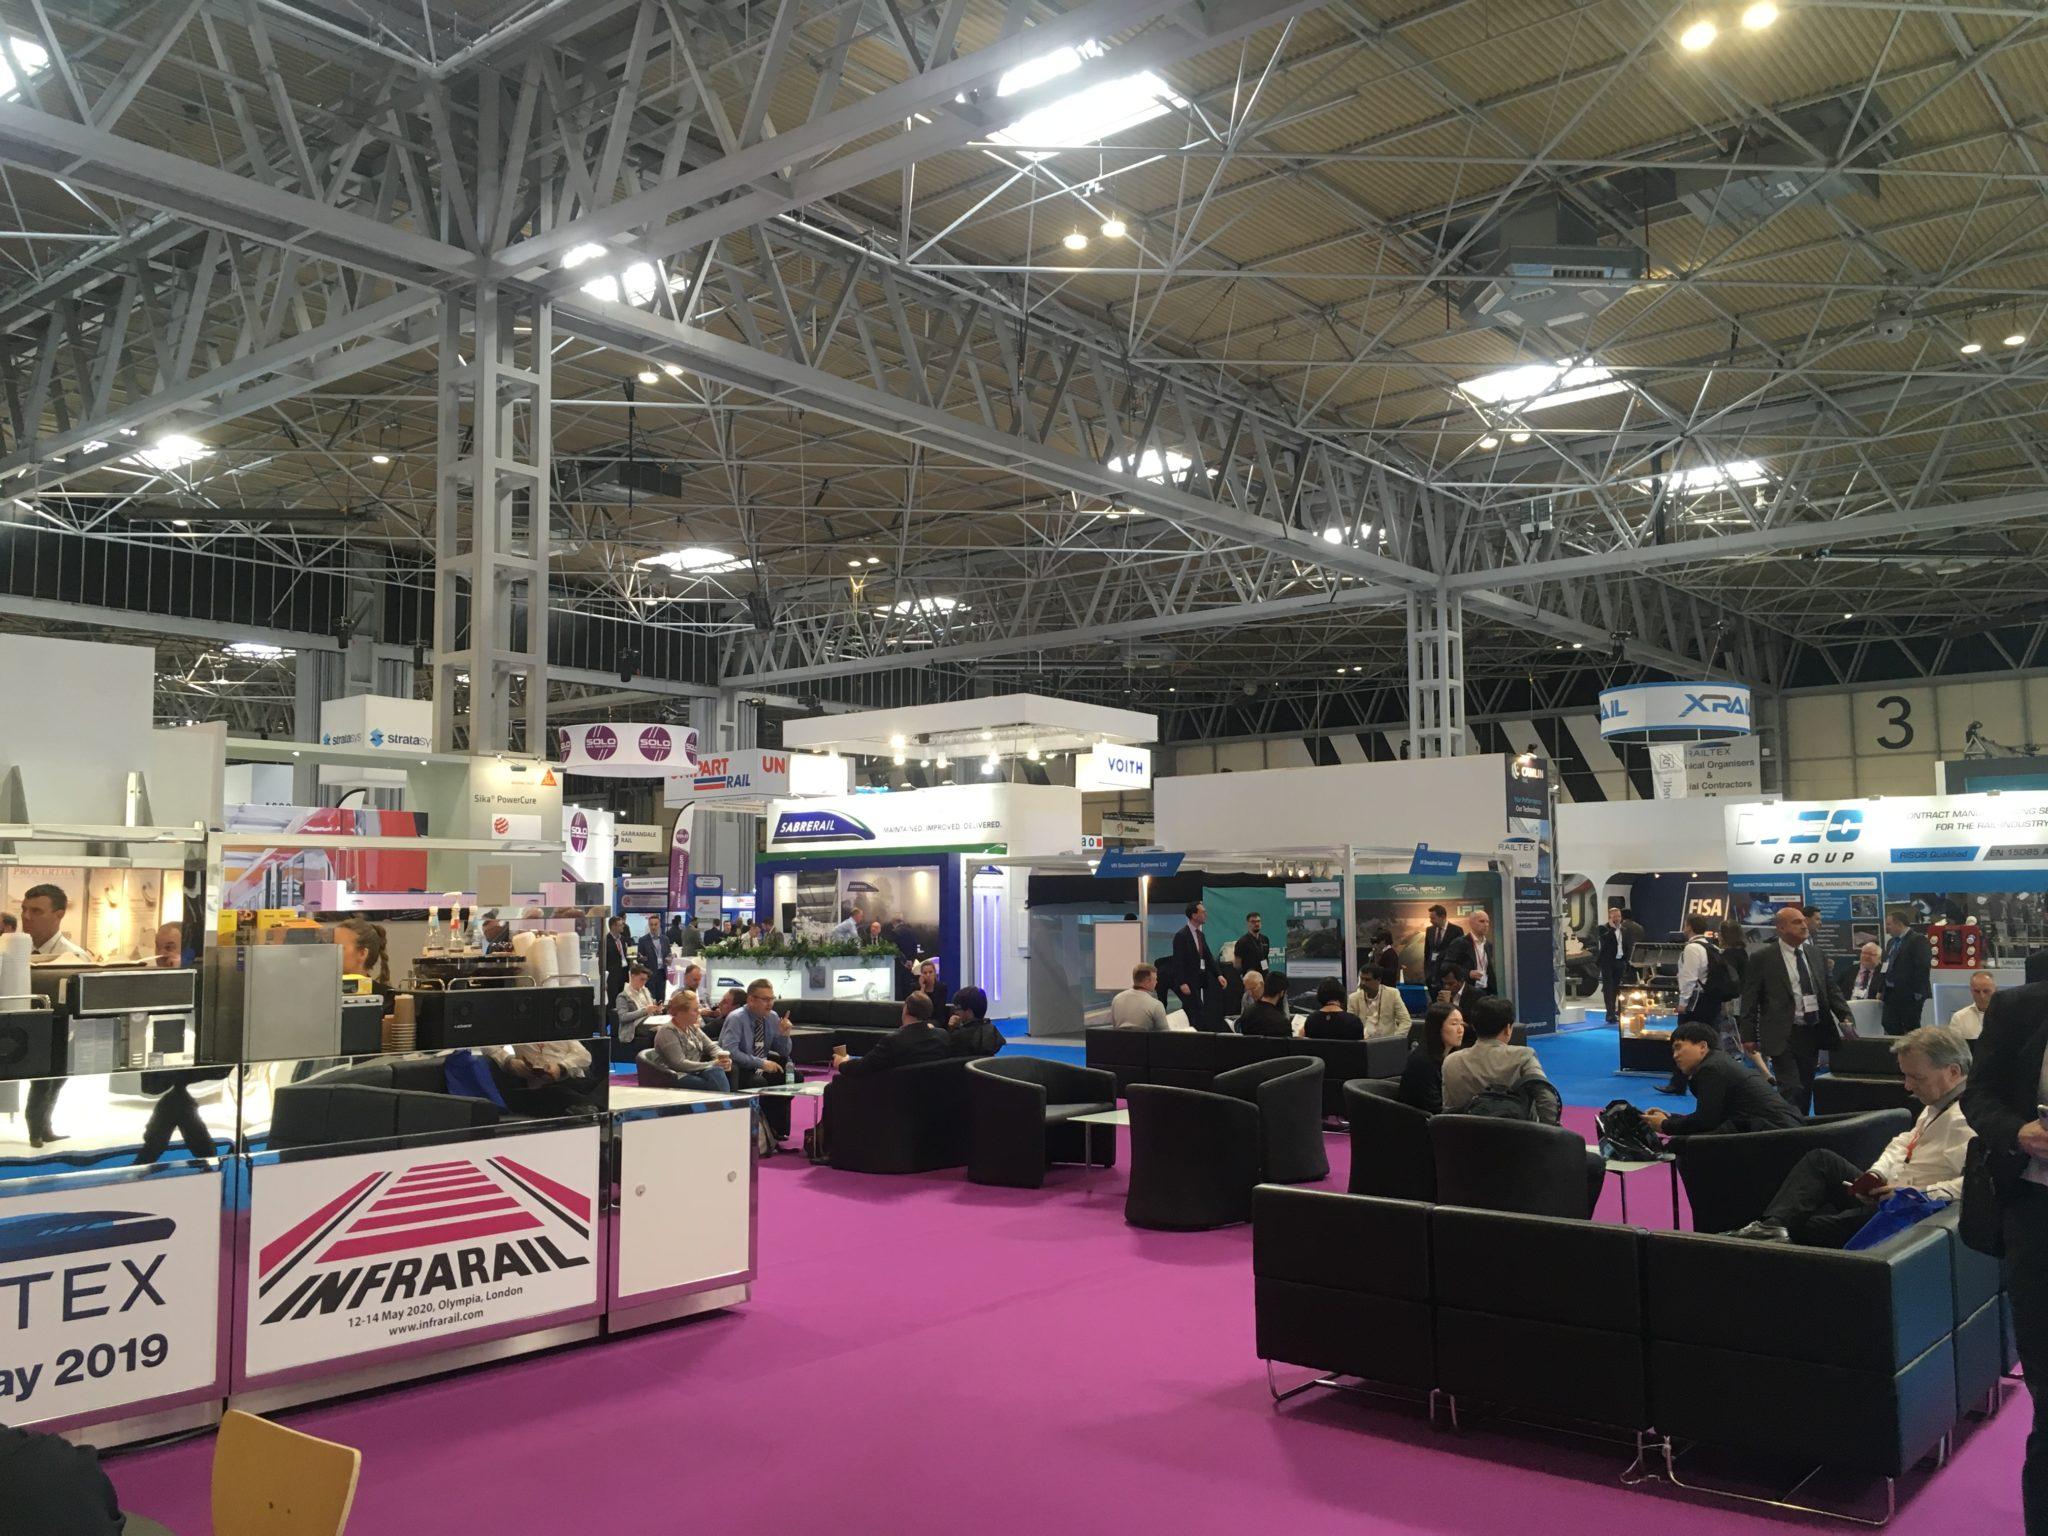 Railtex 2019 interior